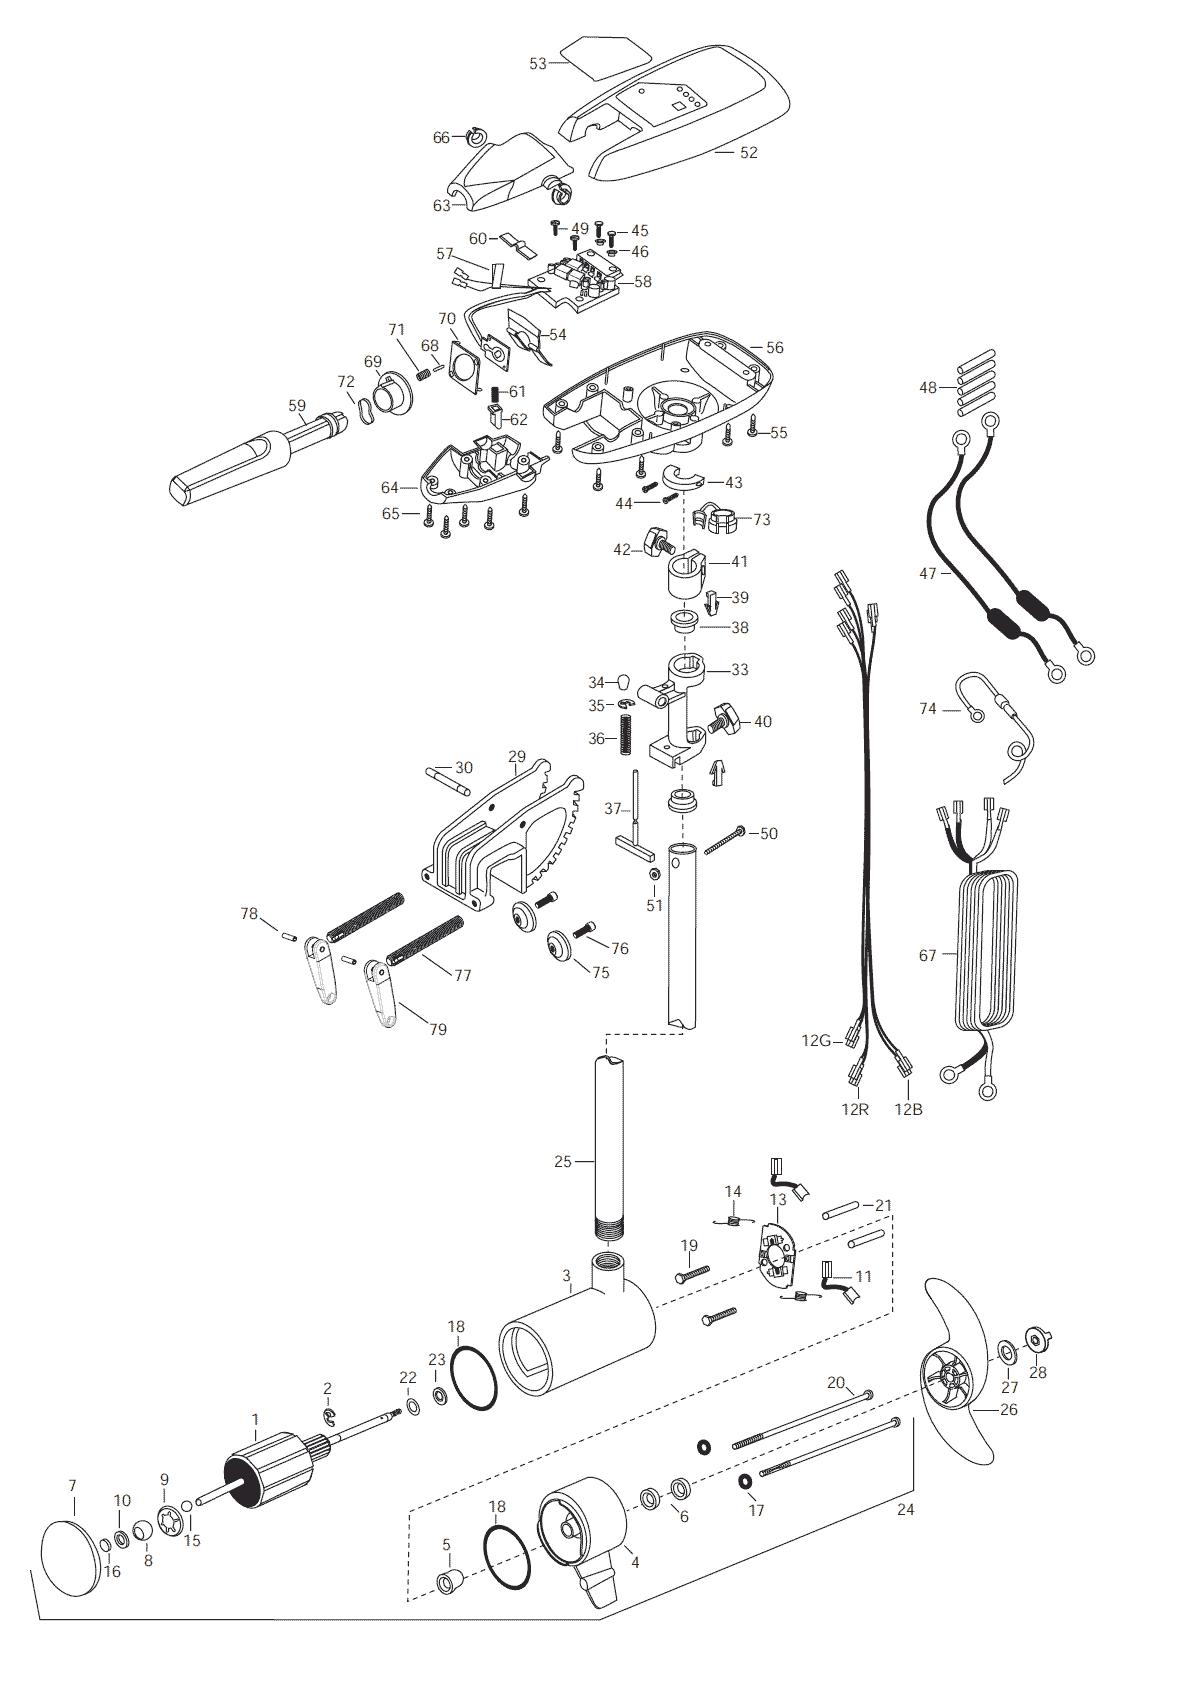 Minn Kota Trolling Motor Diagram Pictures to Pin on